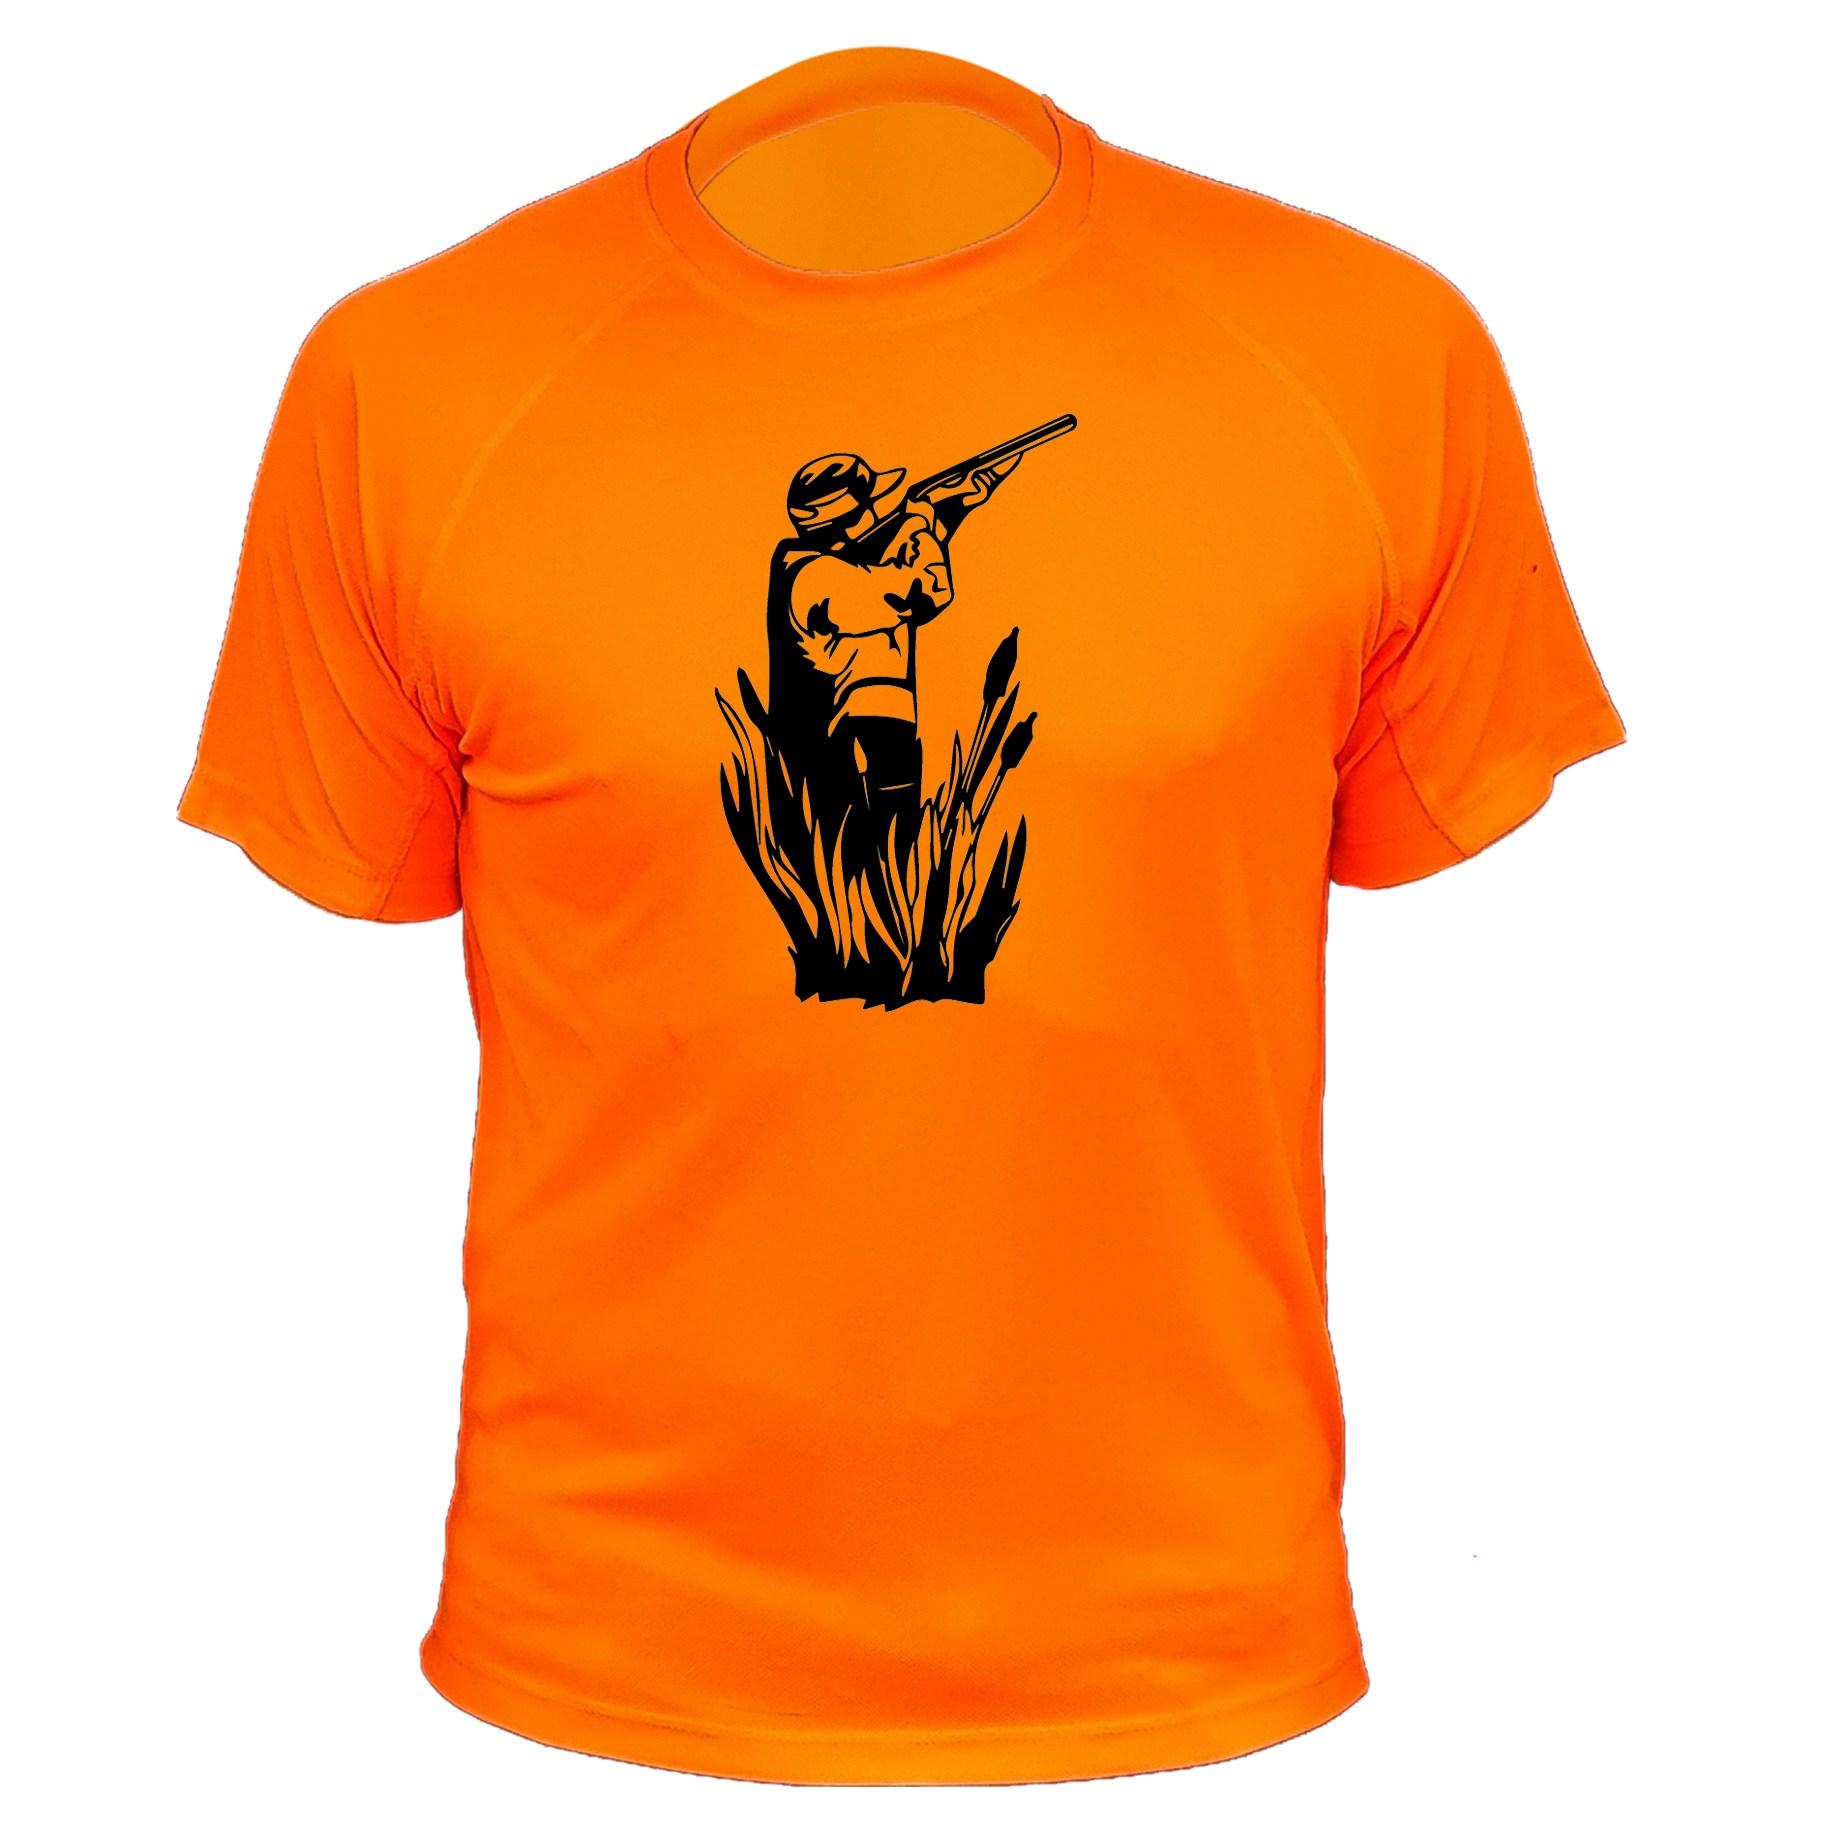 Tee shirt de chasse visuel du chasseur qui